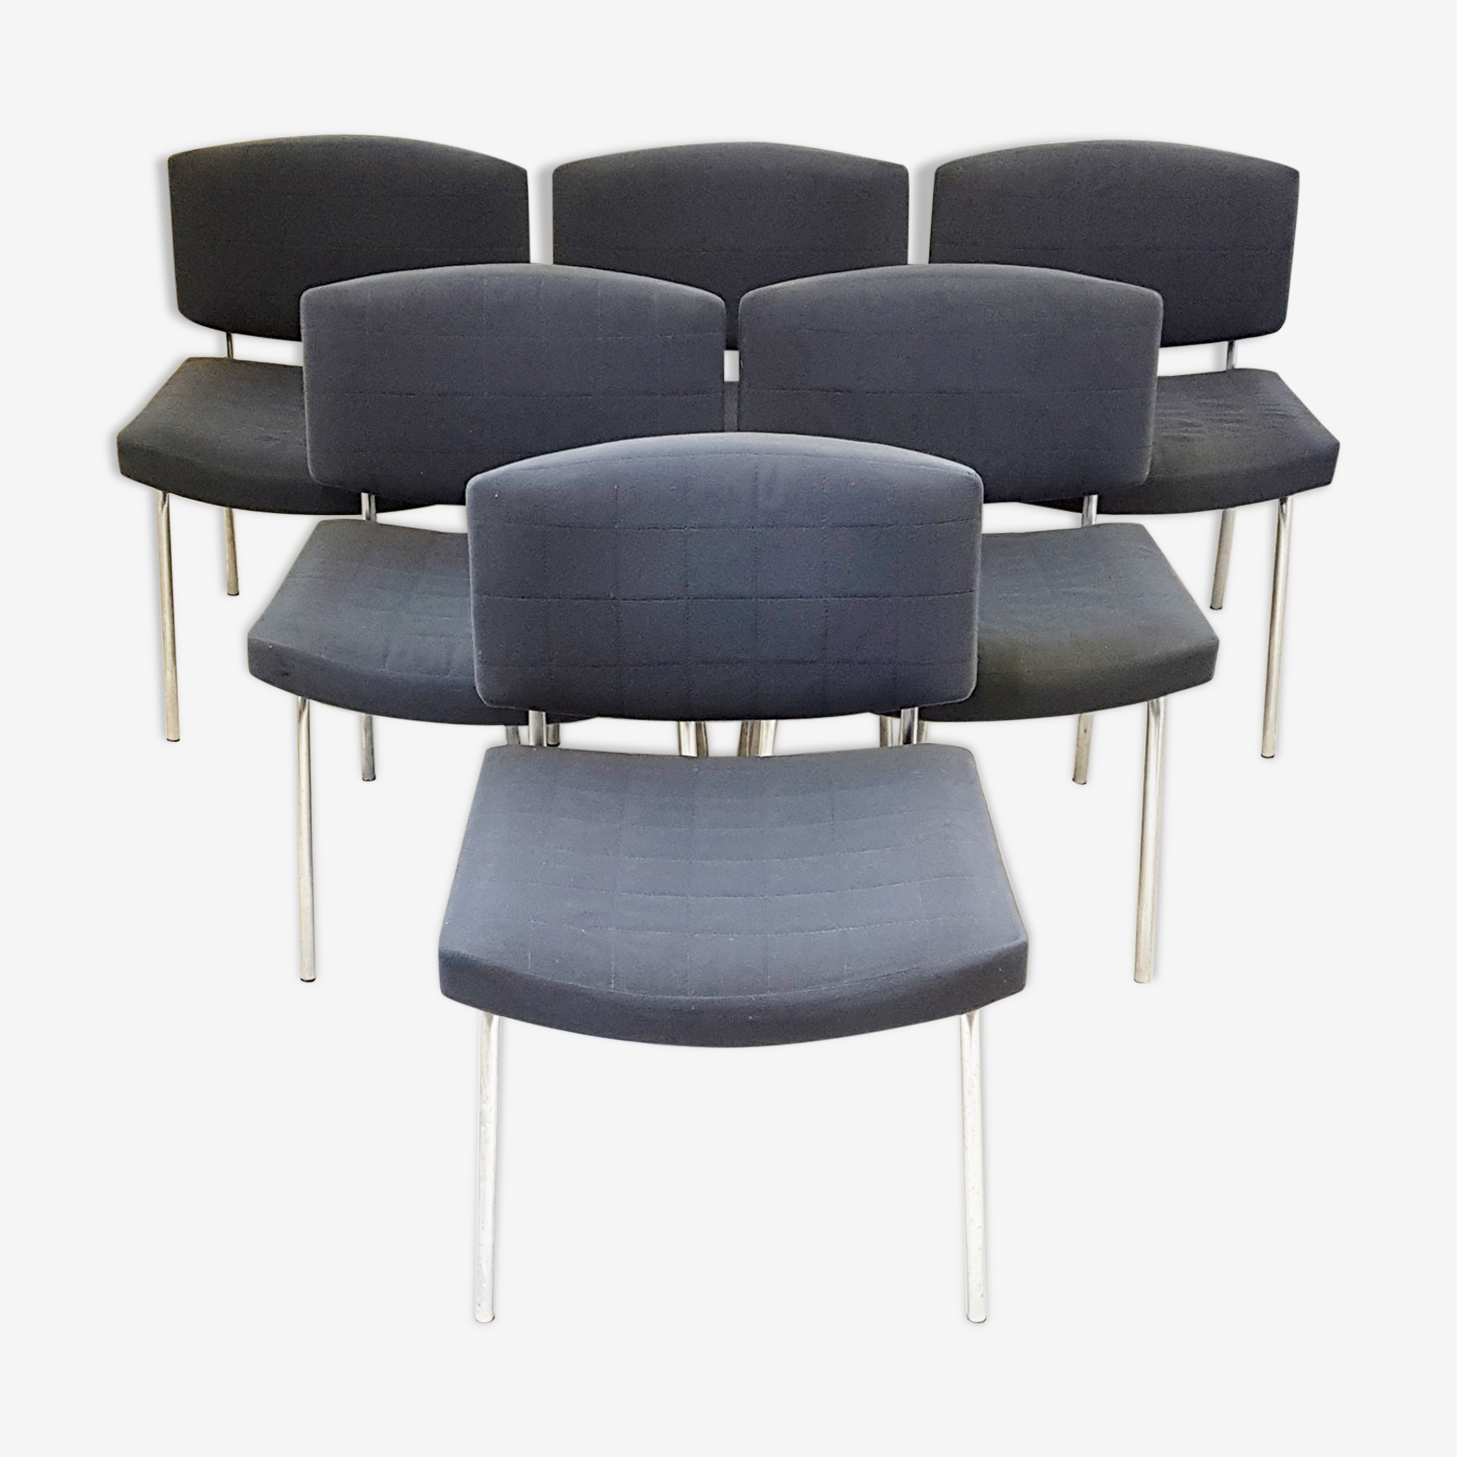 Suite de 6 chaises Conseil de Pierre Guariche pour Meurop 1960